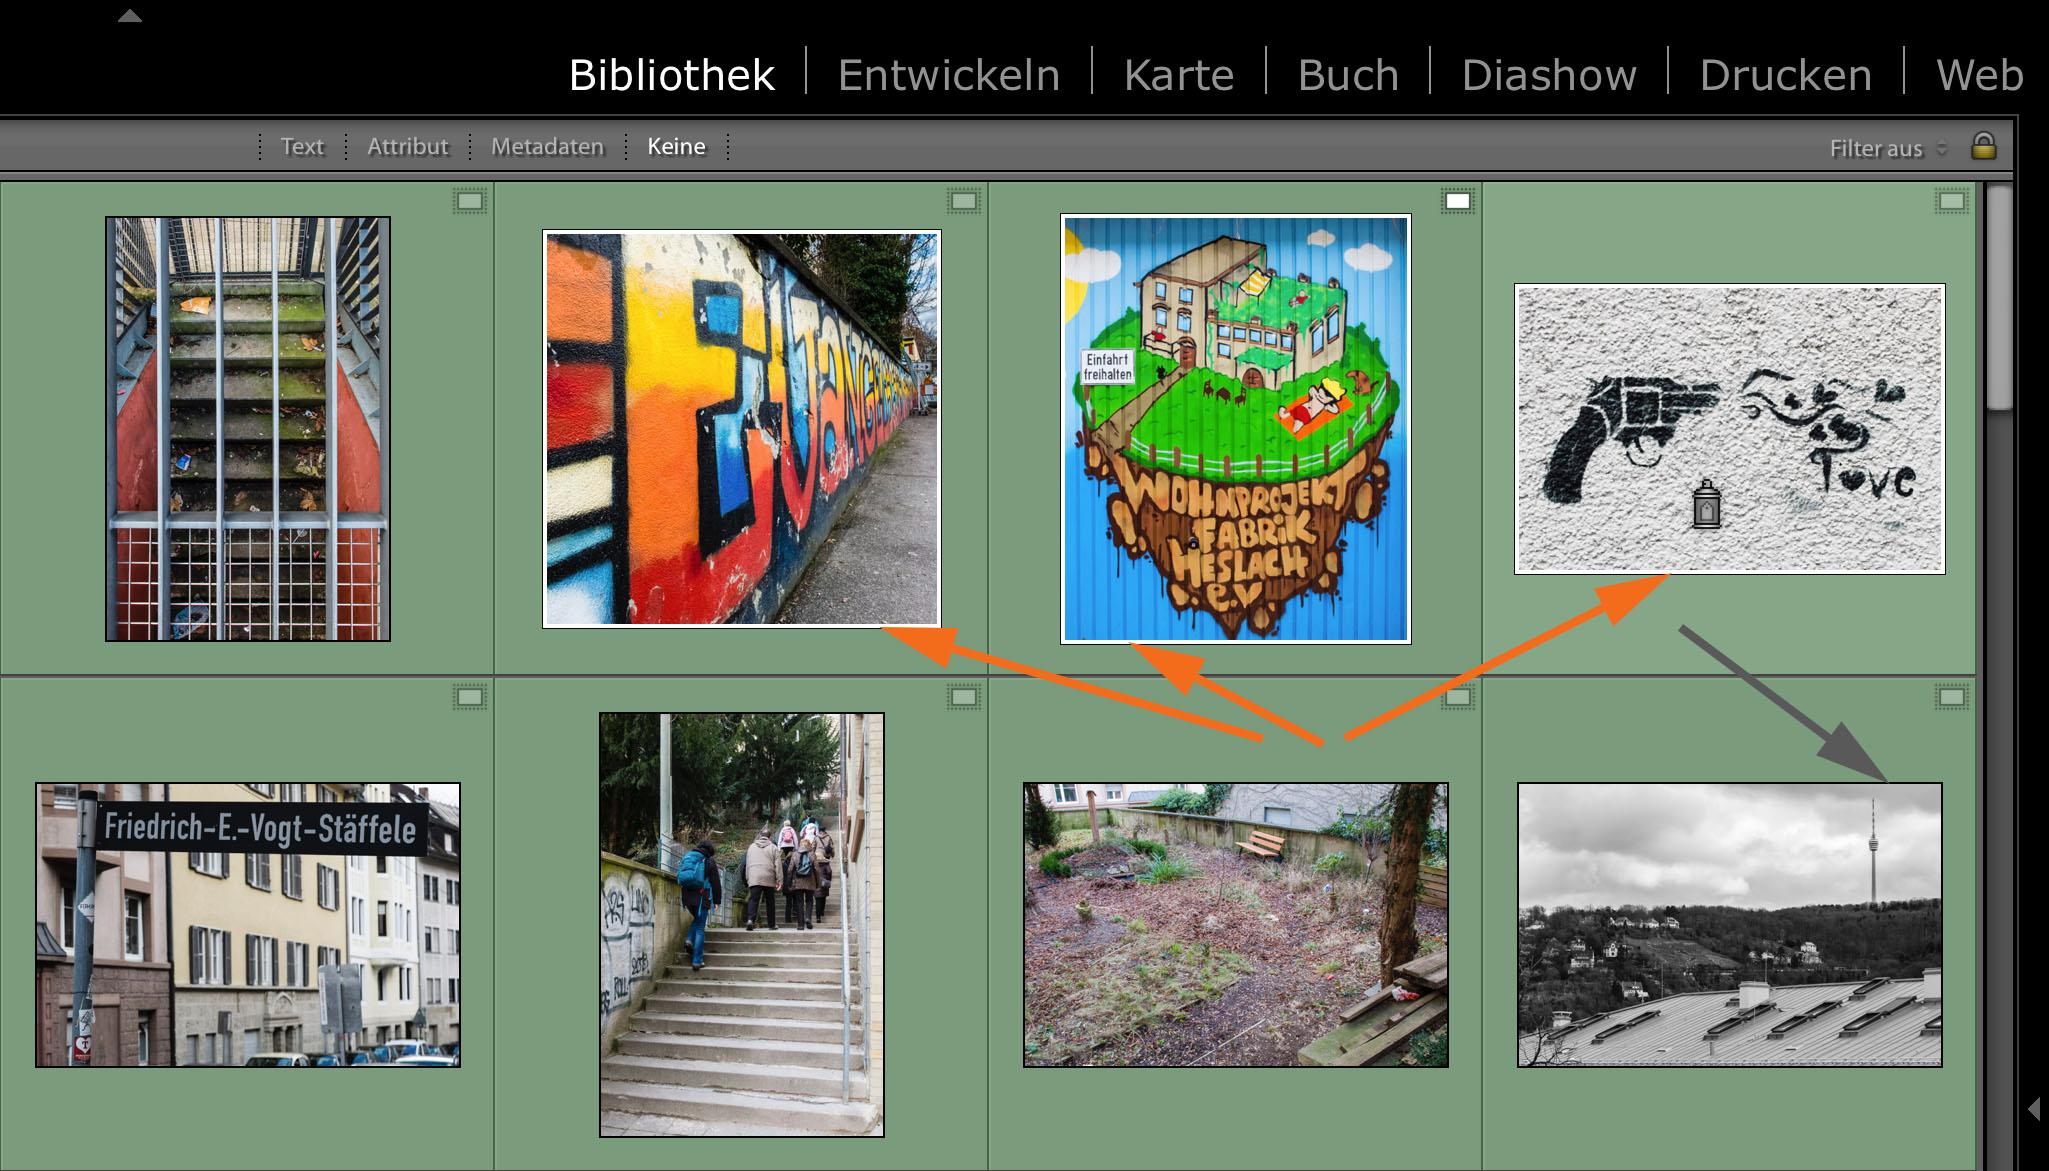 """LTM005 06 Gesprueht - Lightroom-Tiger-Tipp #8: """"Stichwort-Graffiti"""""""